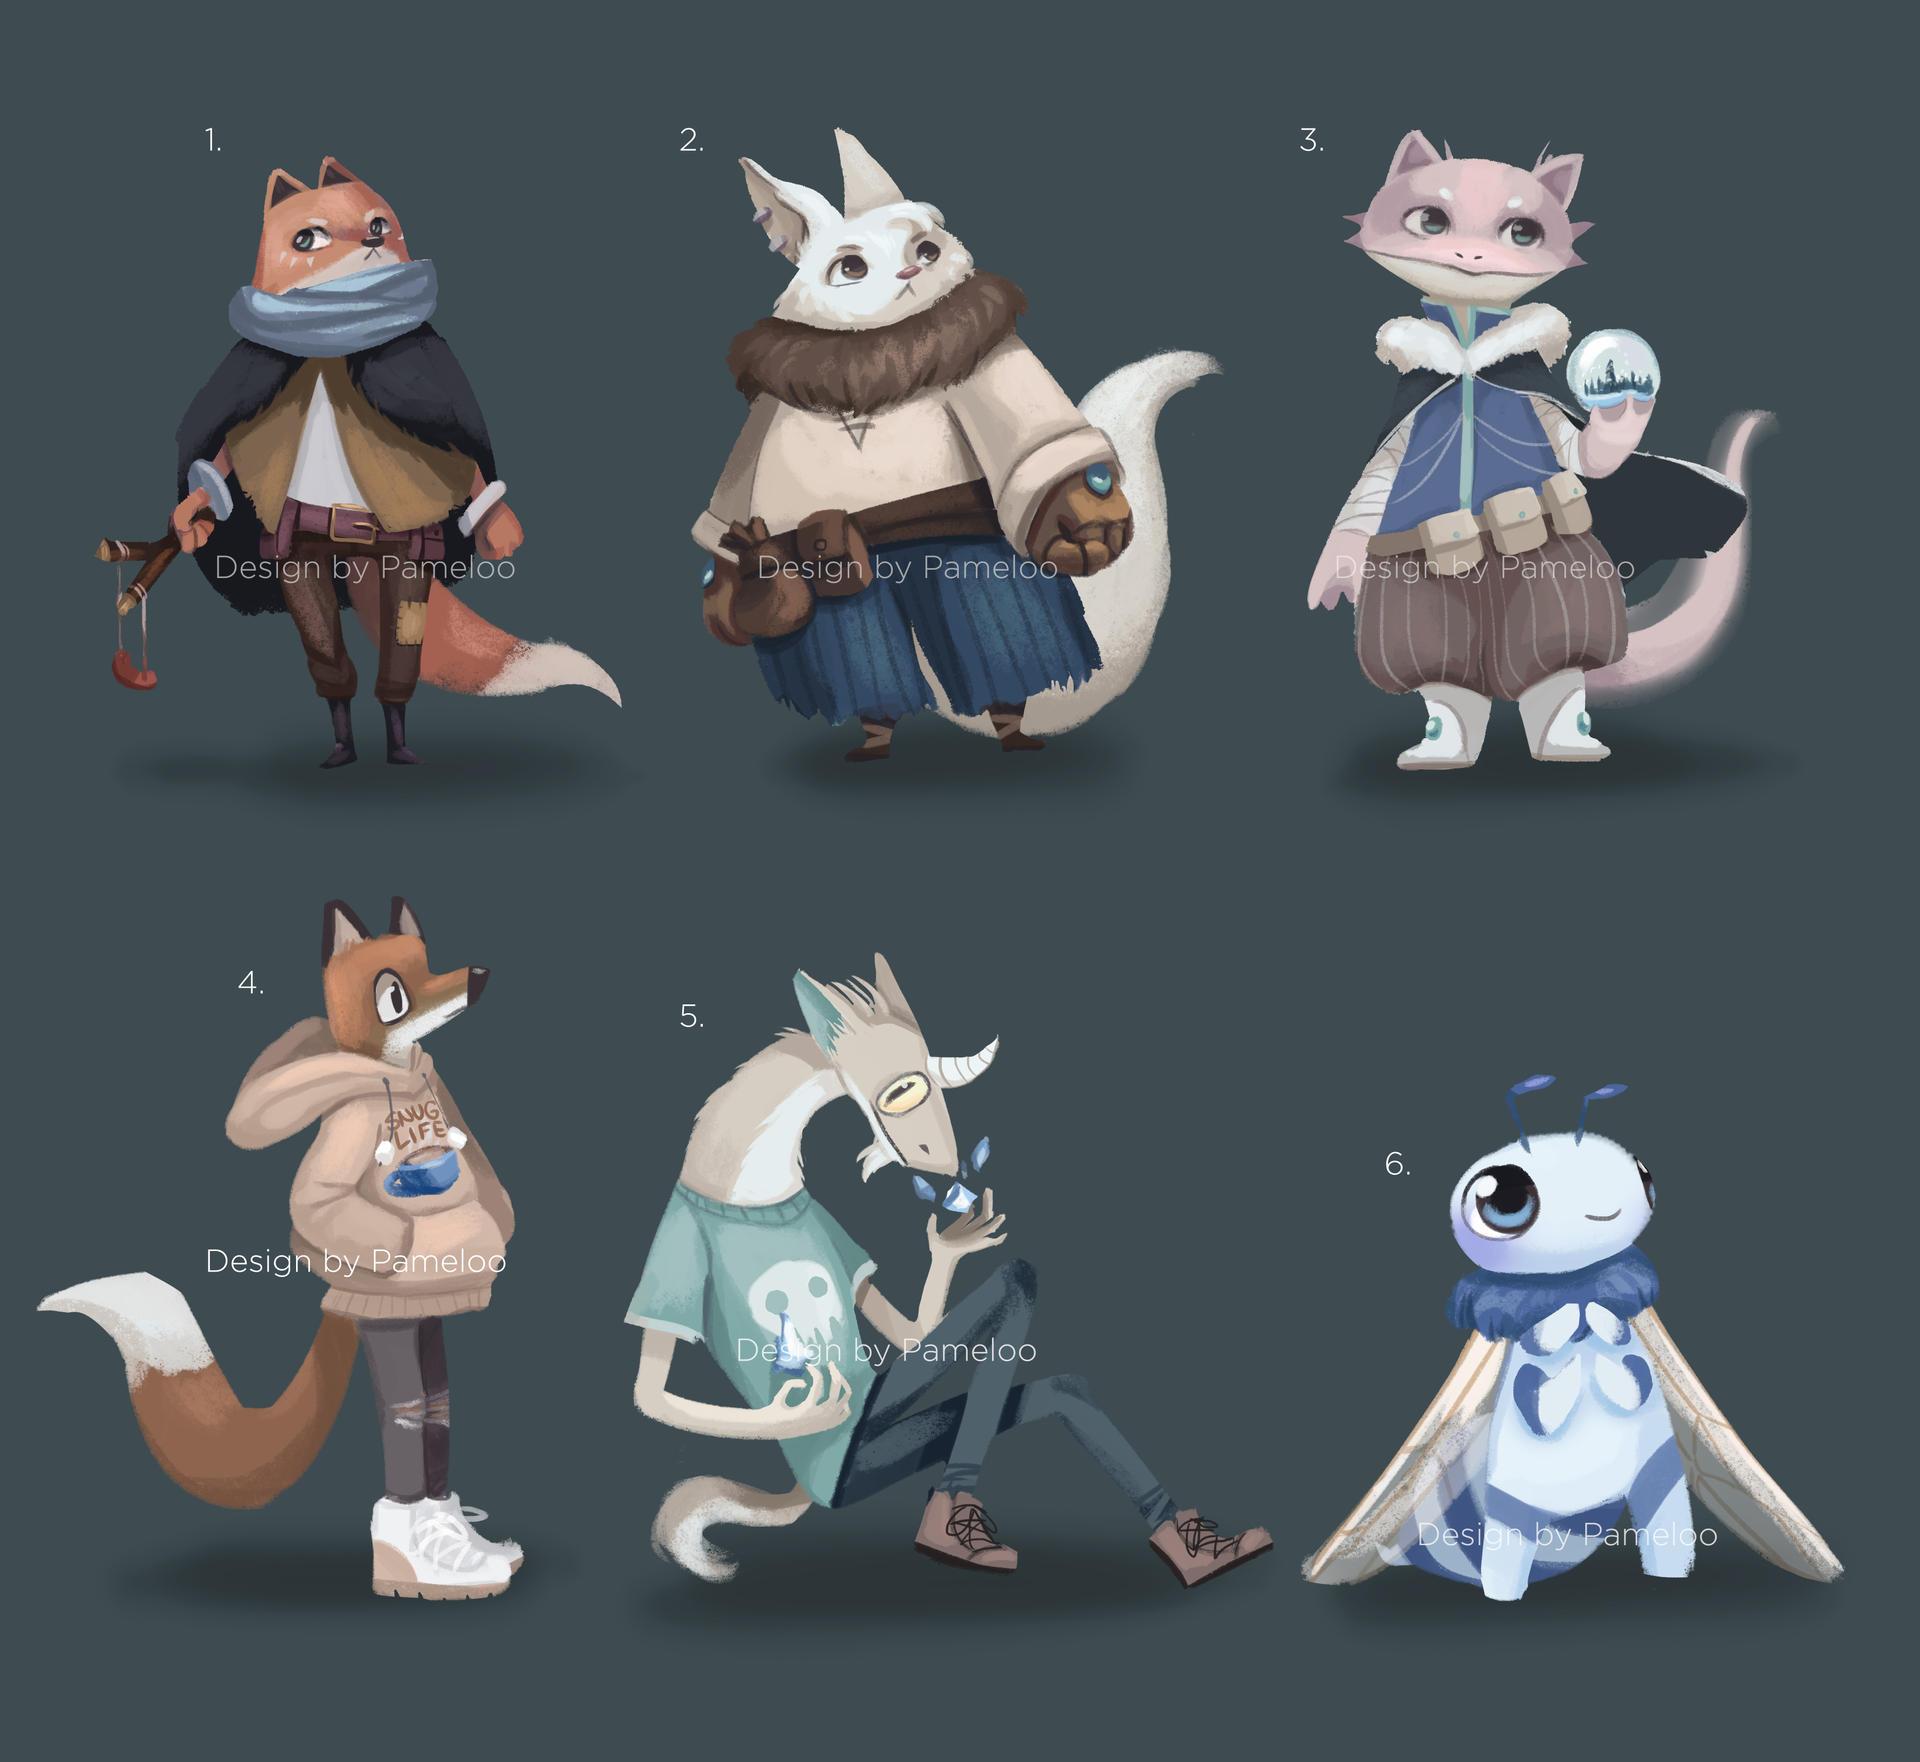 wintery_character_designs_by_pameloo_ddifssc-fullview.jpg